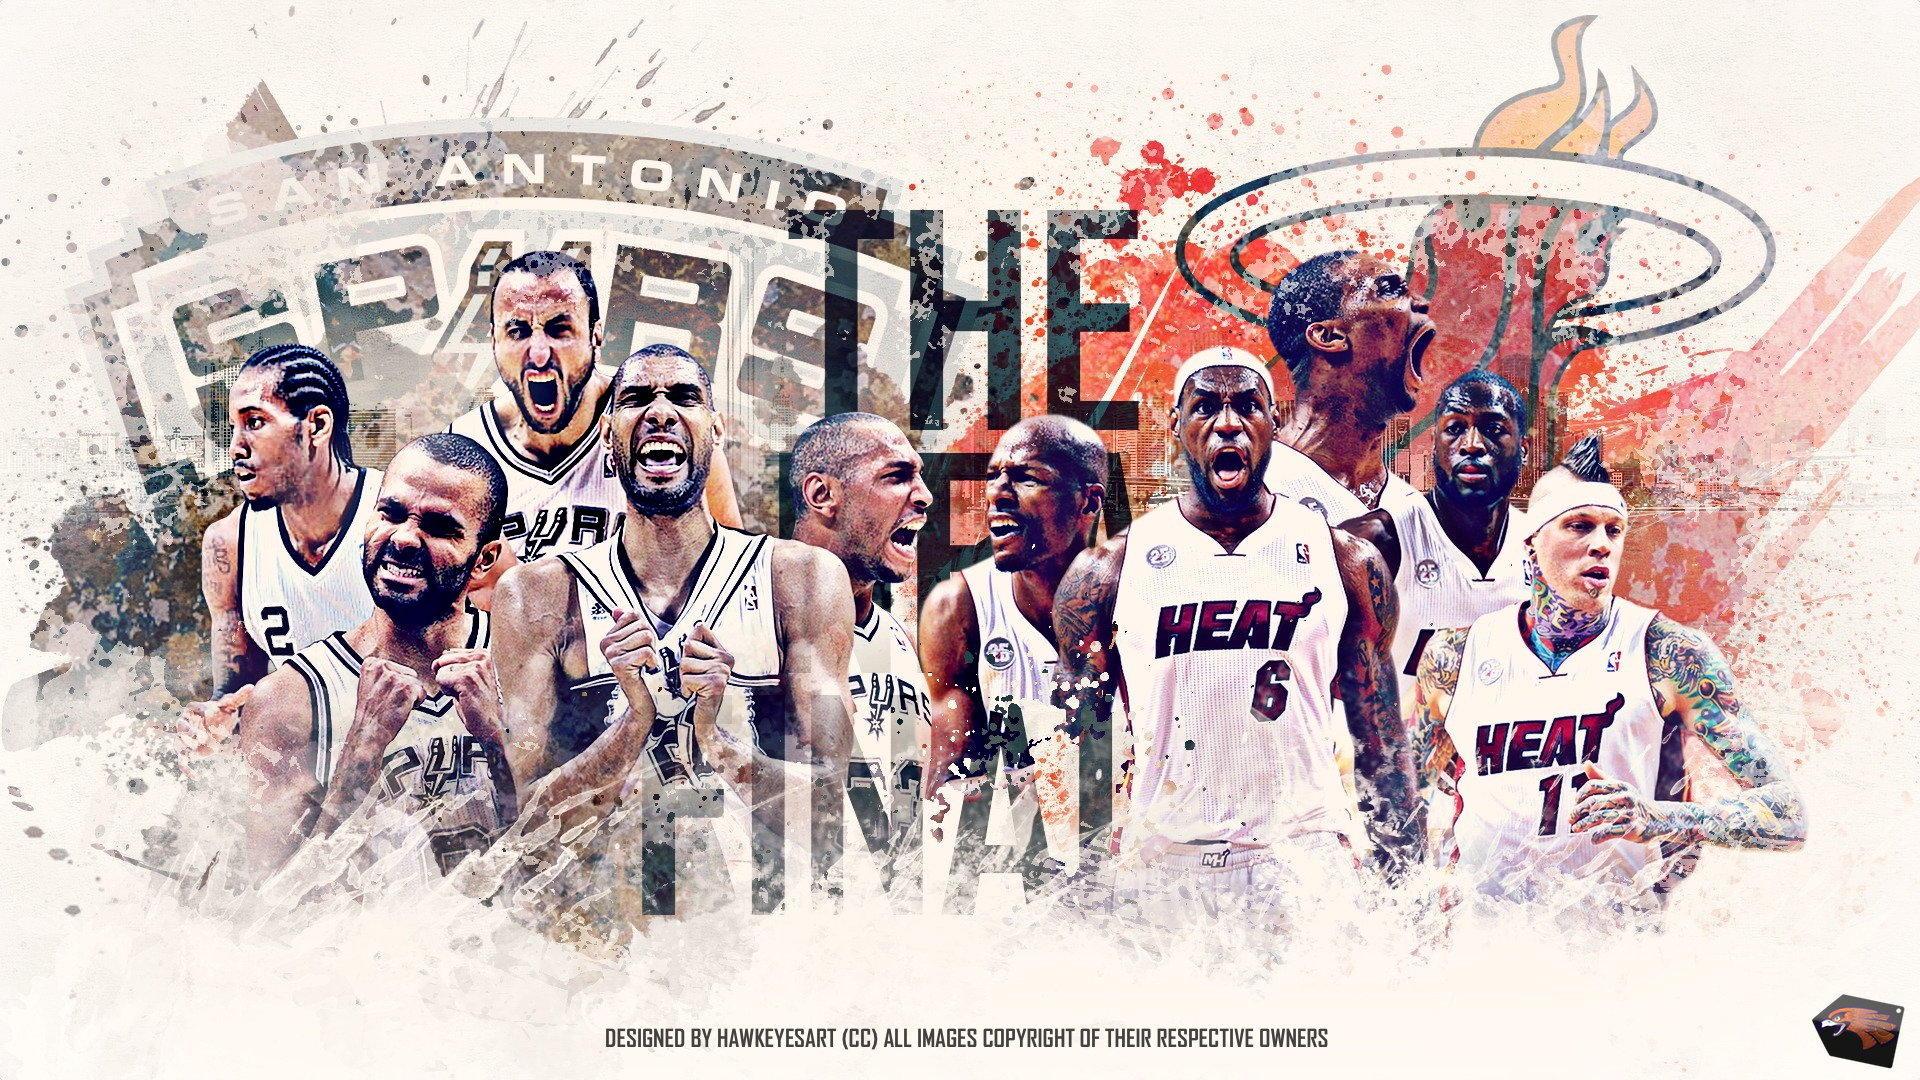 Nba Finals Wallpaper - Miami Heat - HD Wallpaper